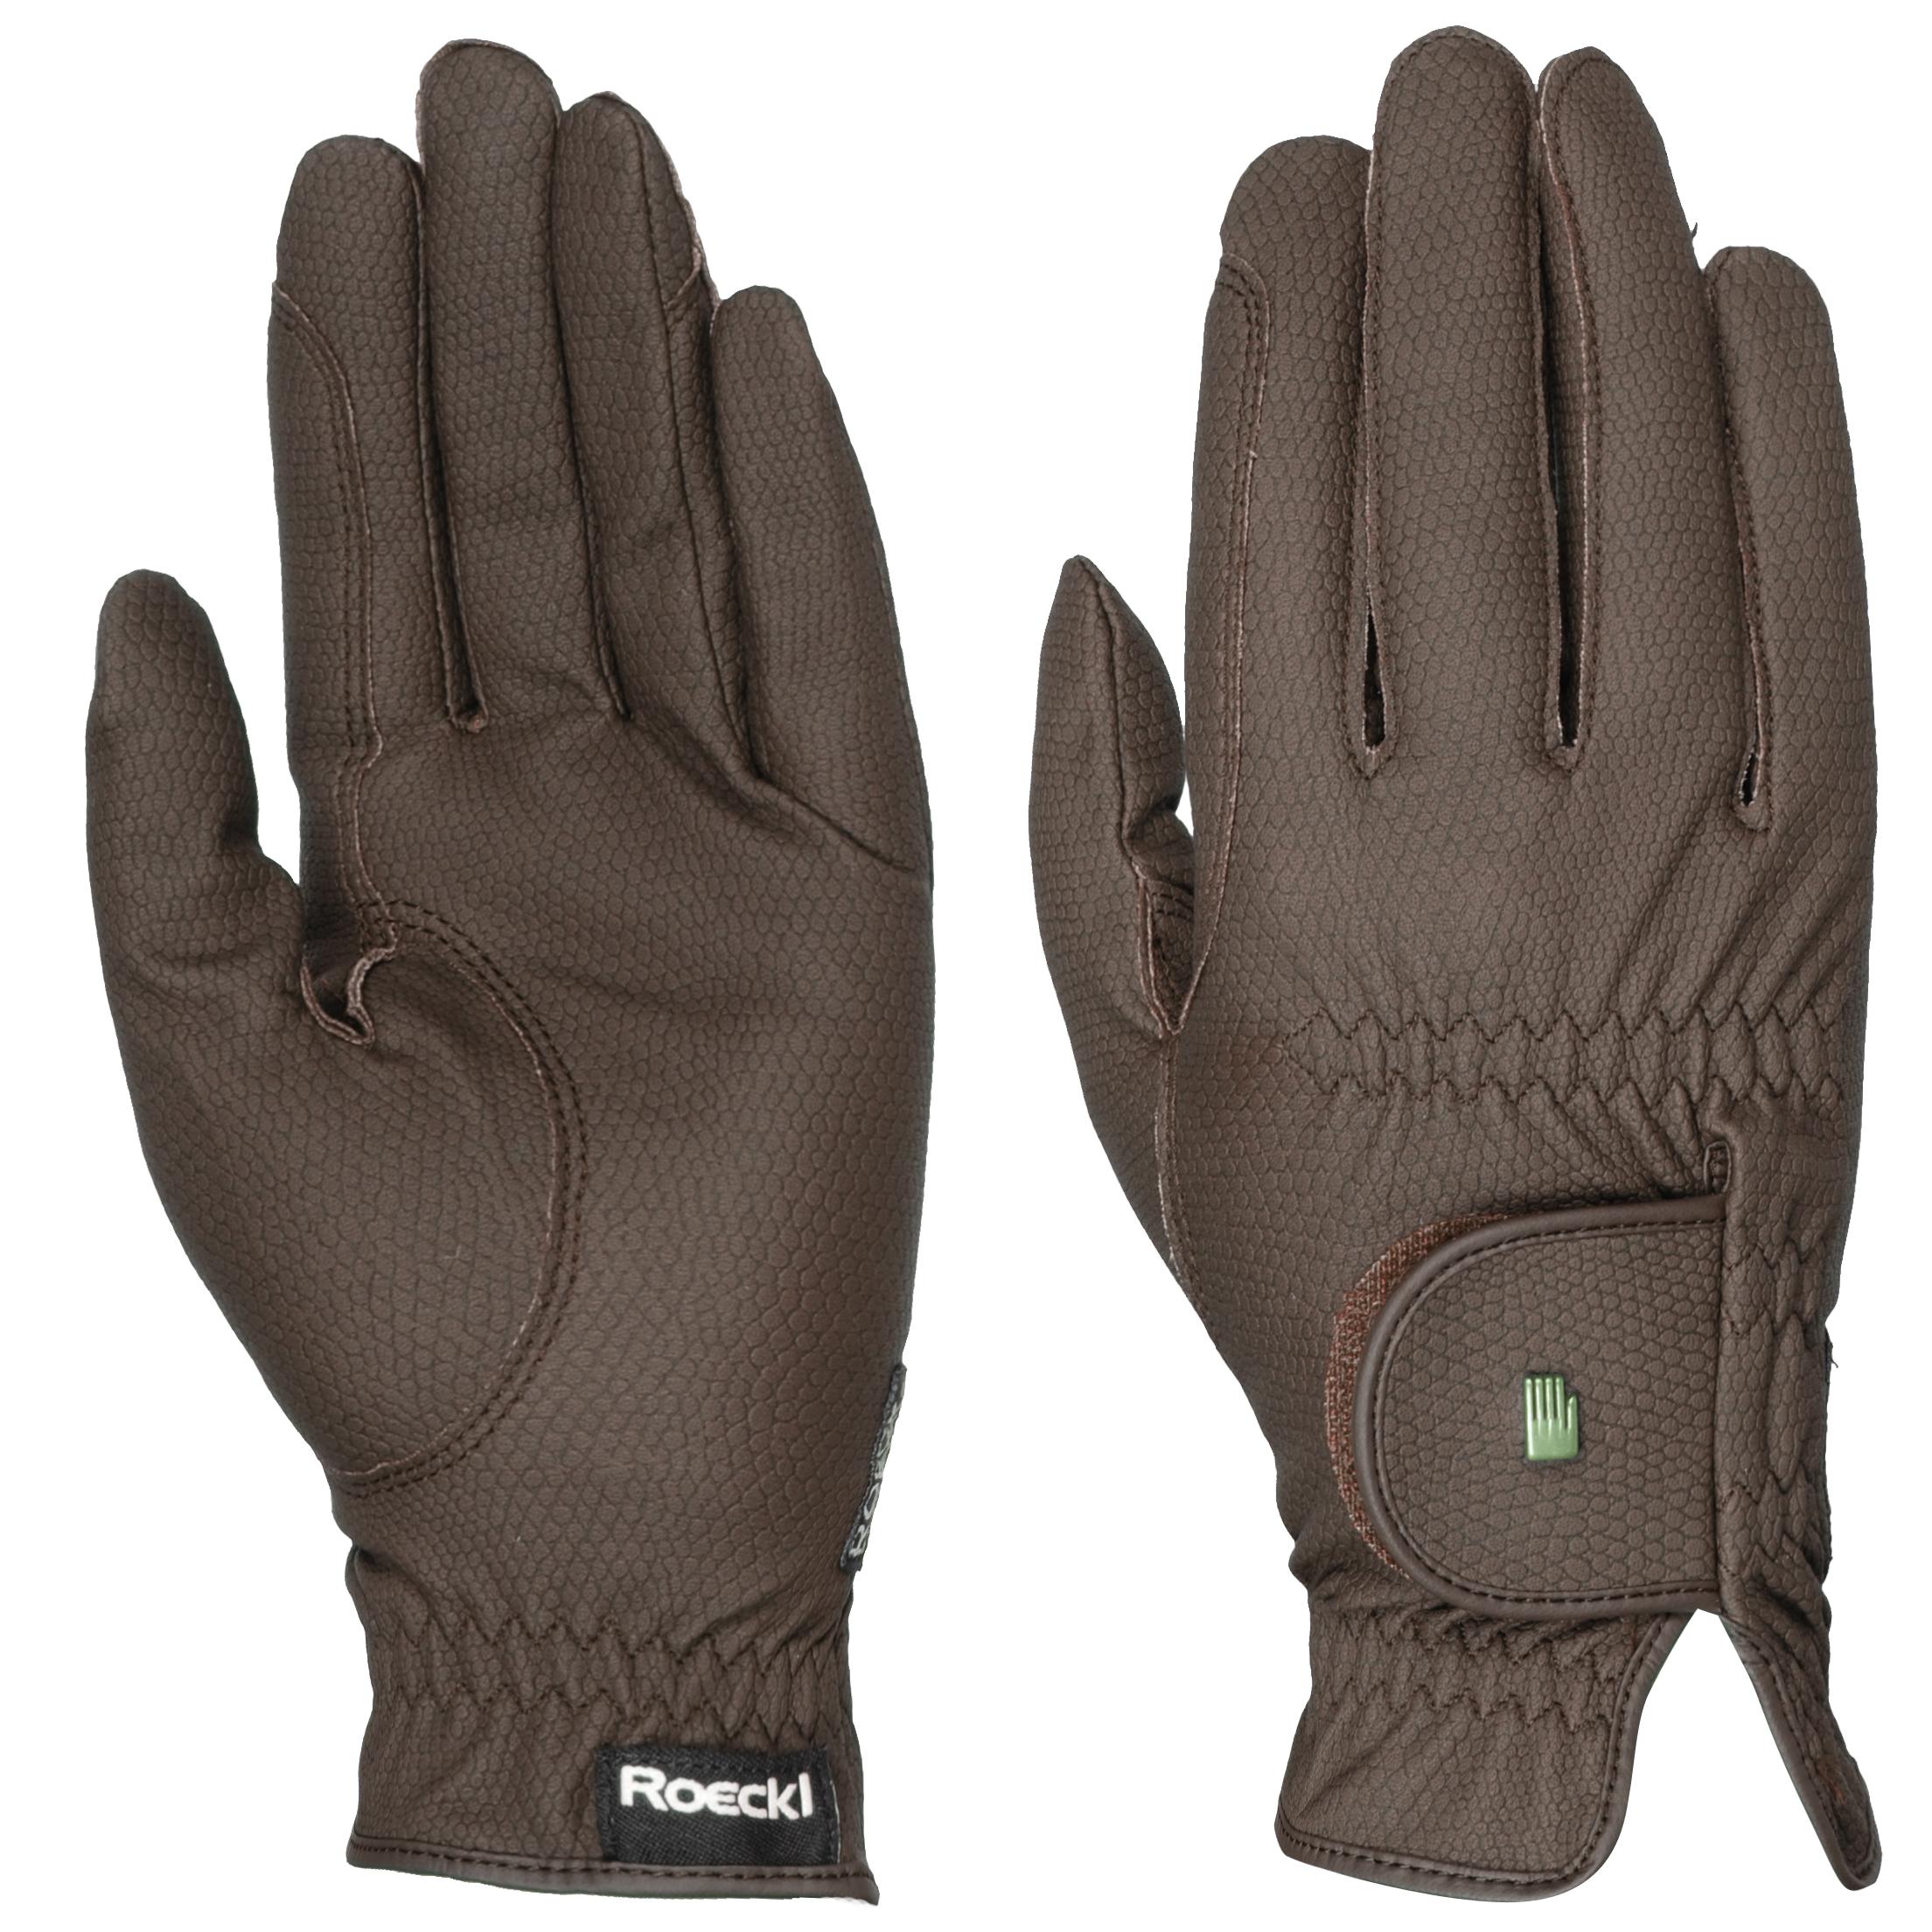 Roeckl Roeck grip Handschoen bruin maat:8,5